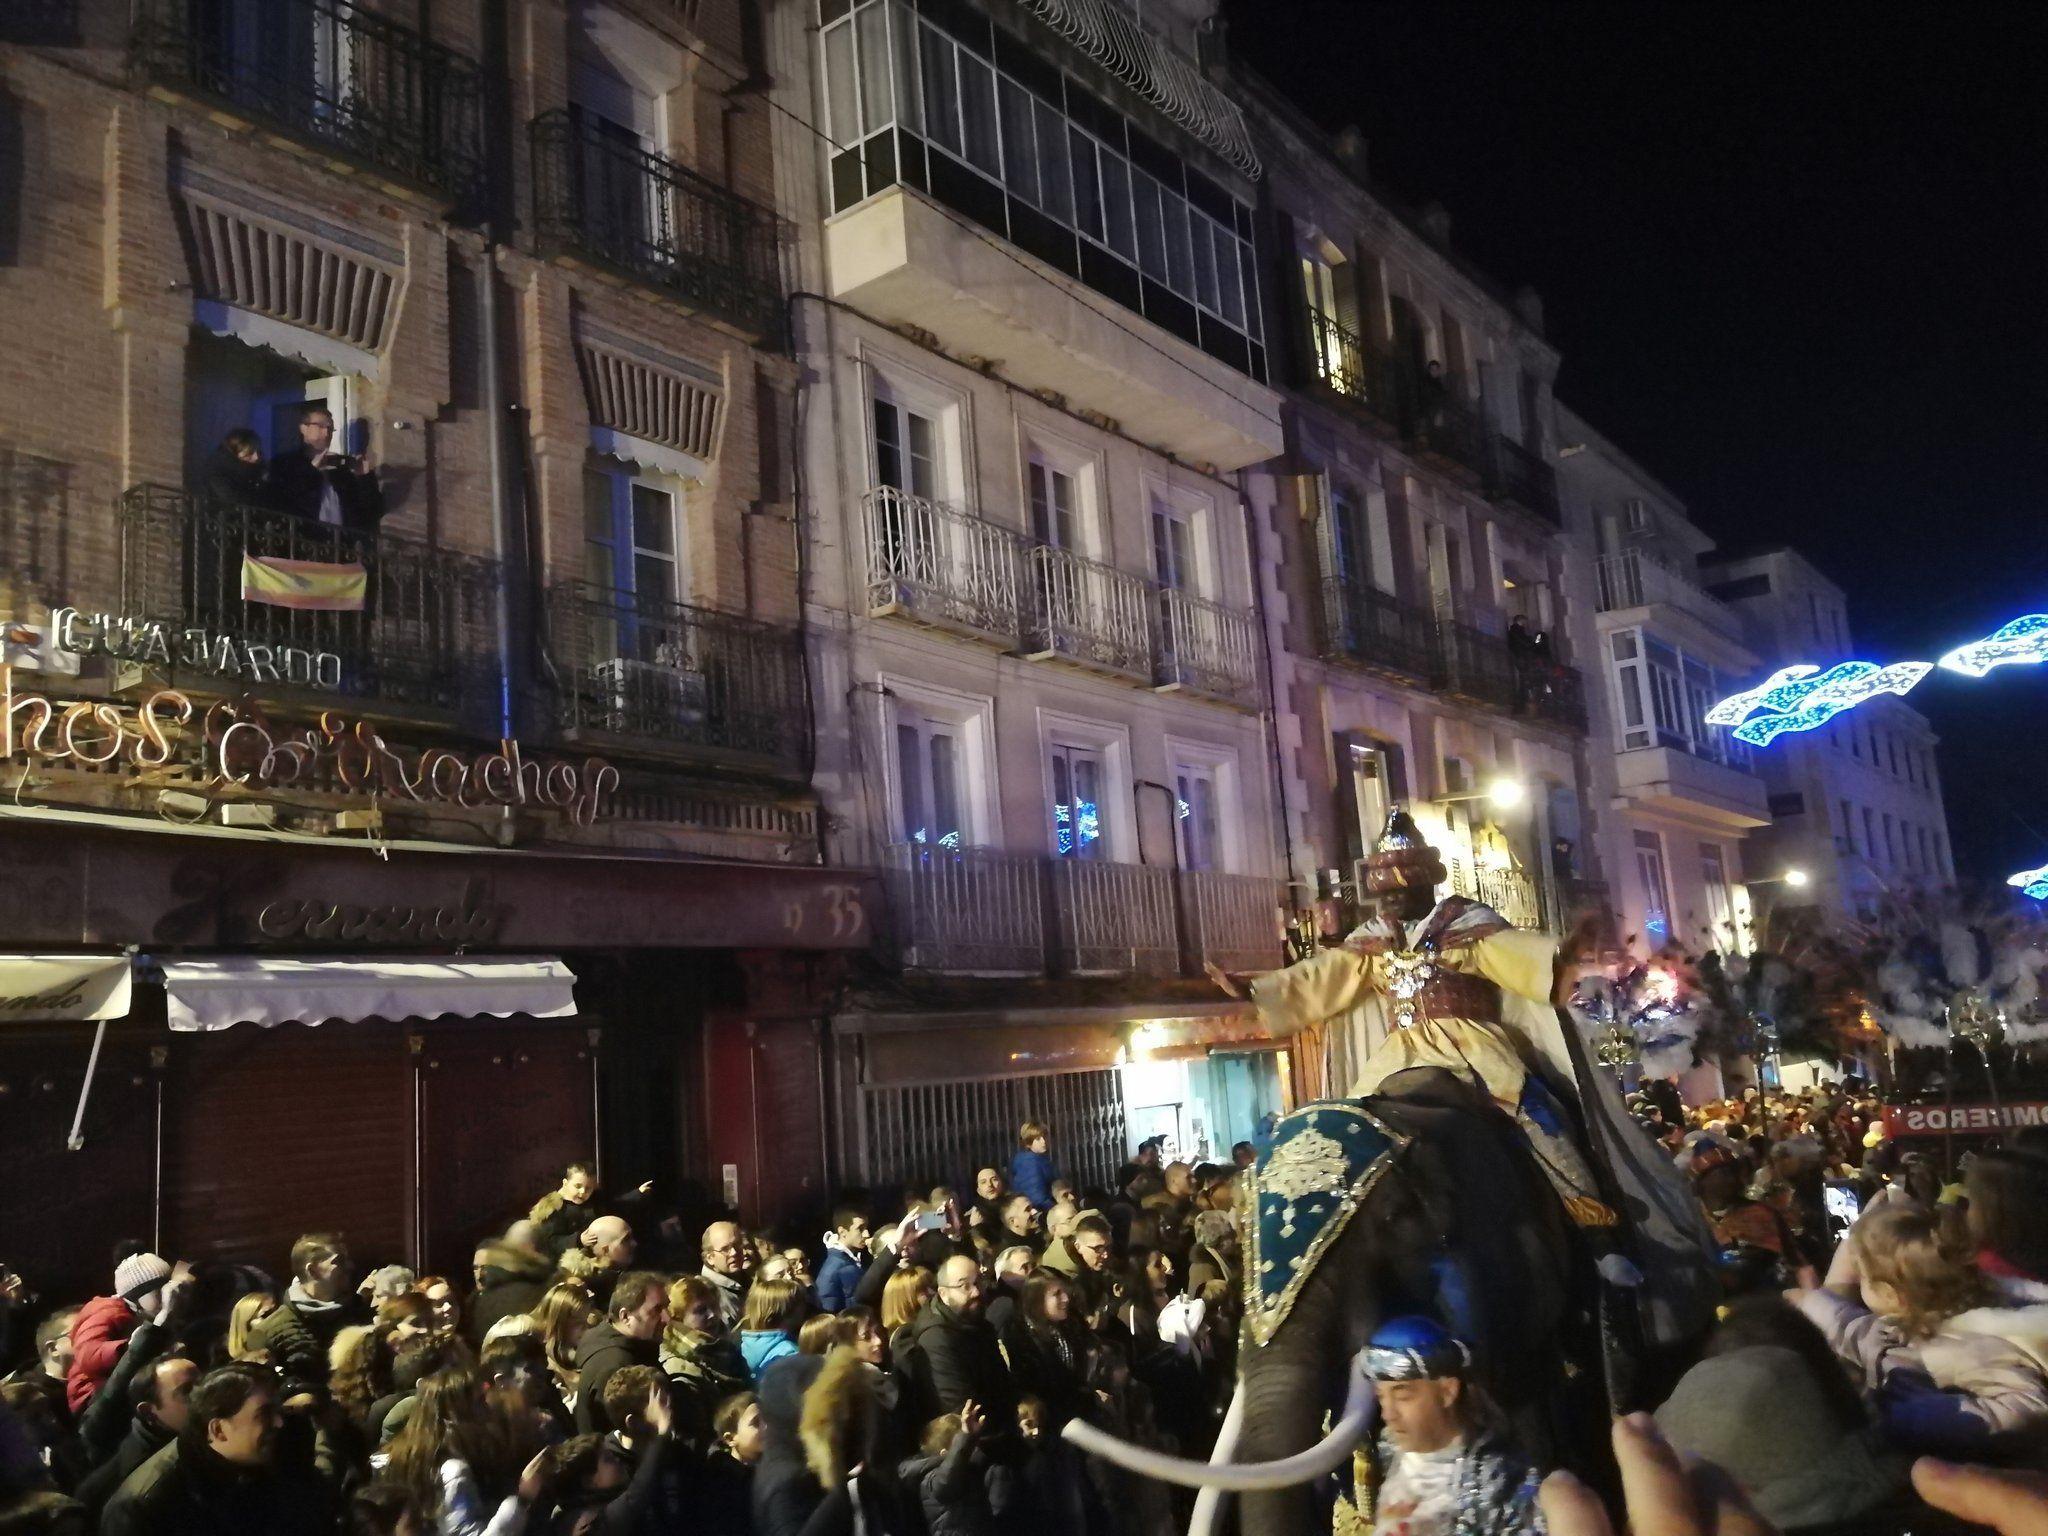 La festividad del día de Reyes finaliza en Guadalajara sin ningún tipo de incidente destacable